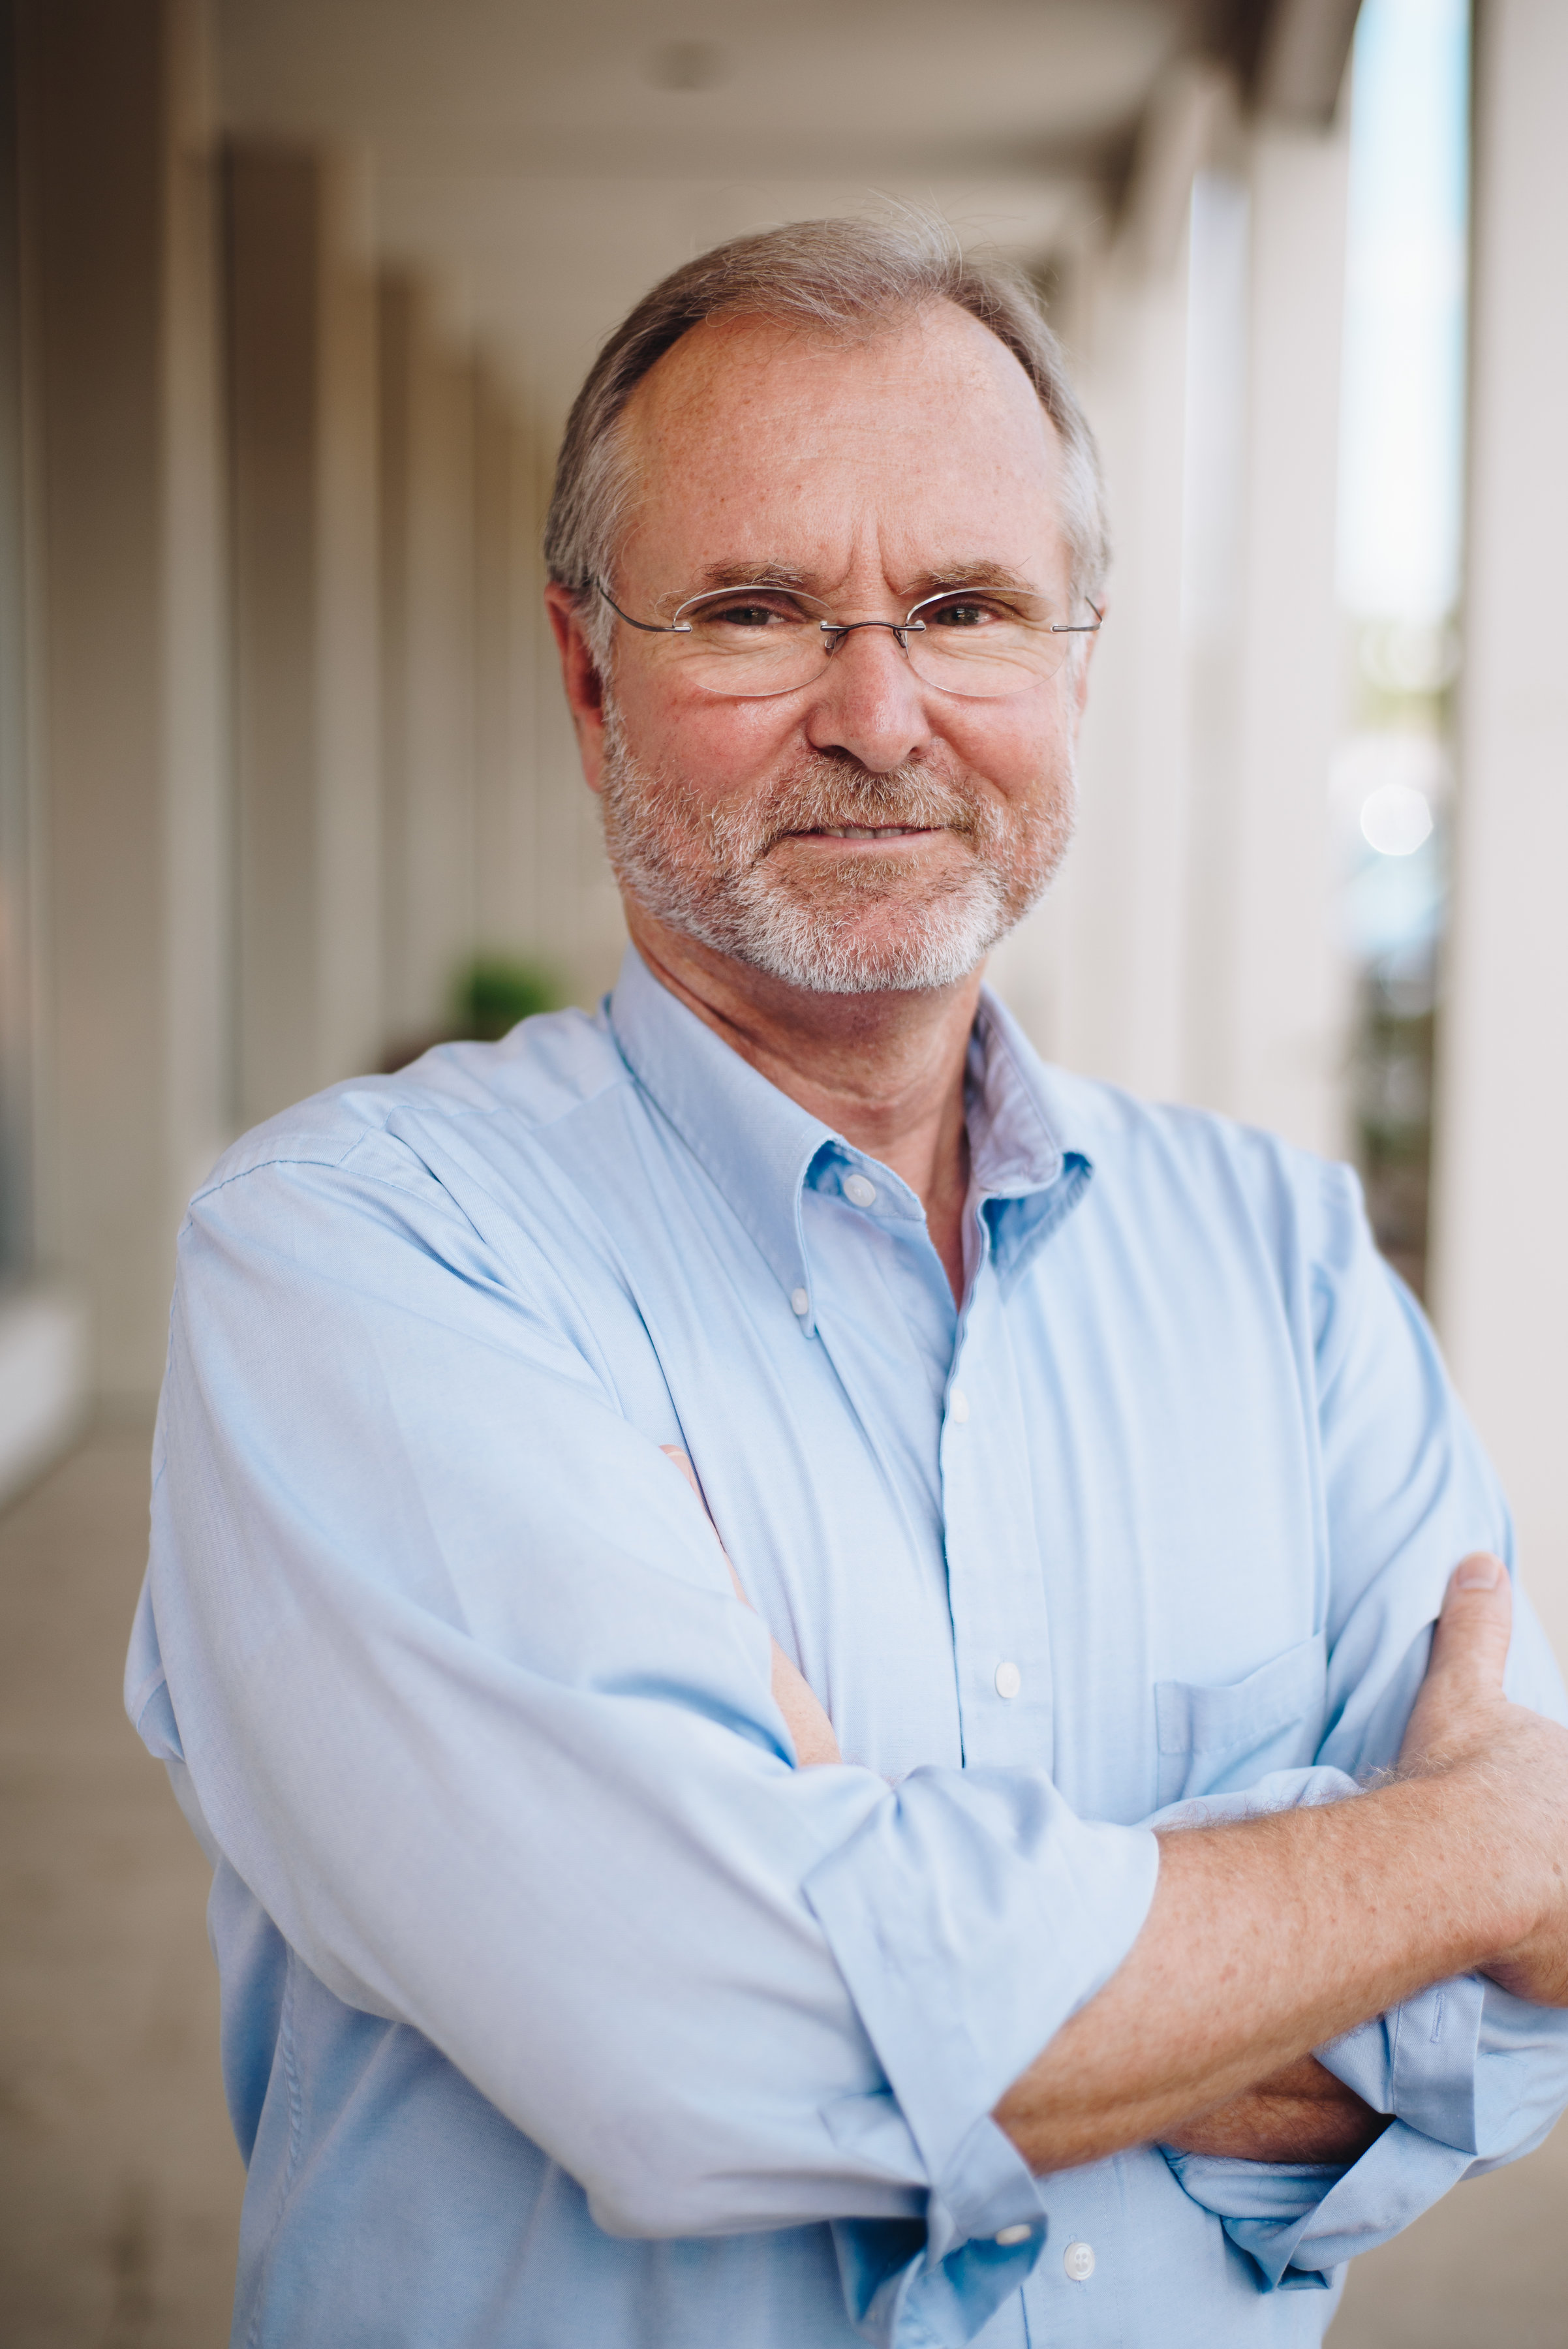 Dr. David Flint